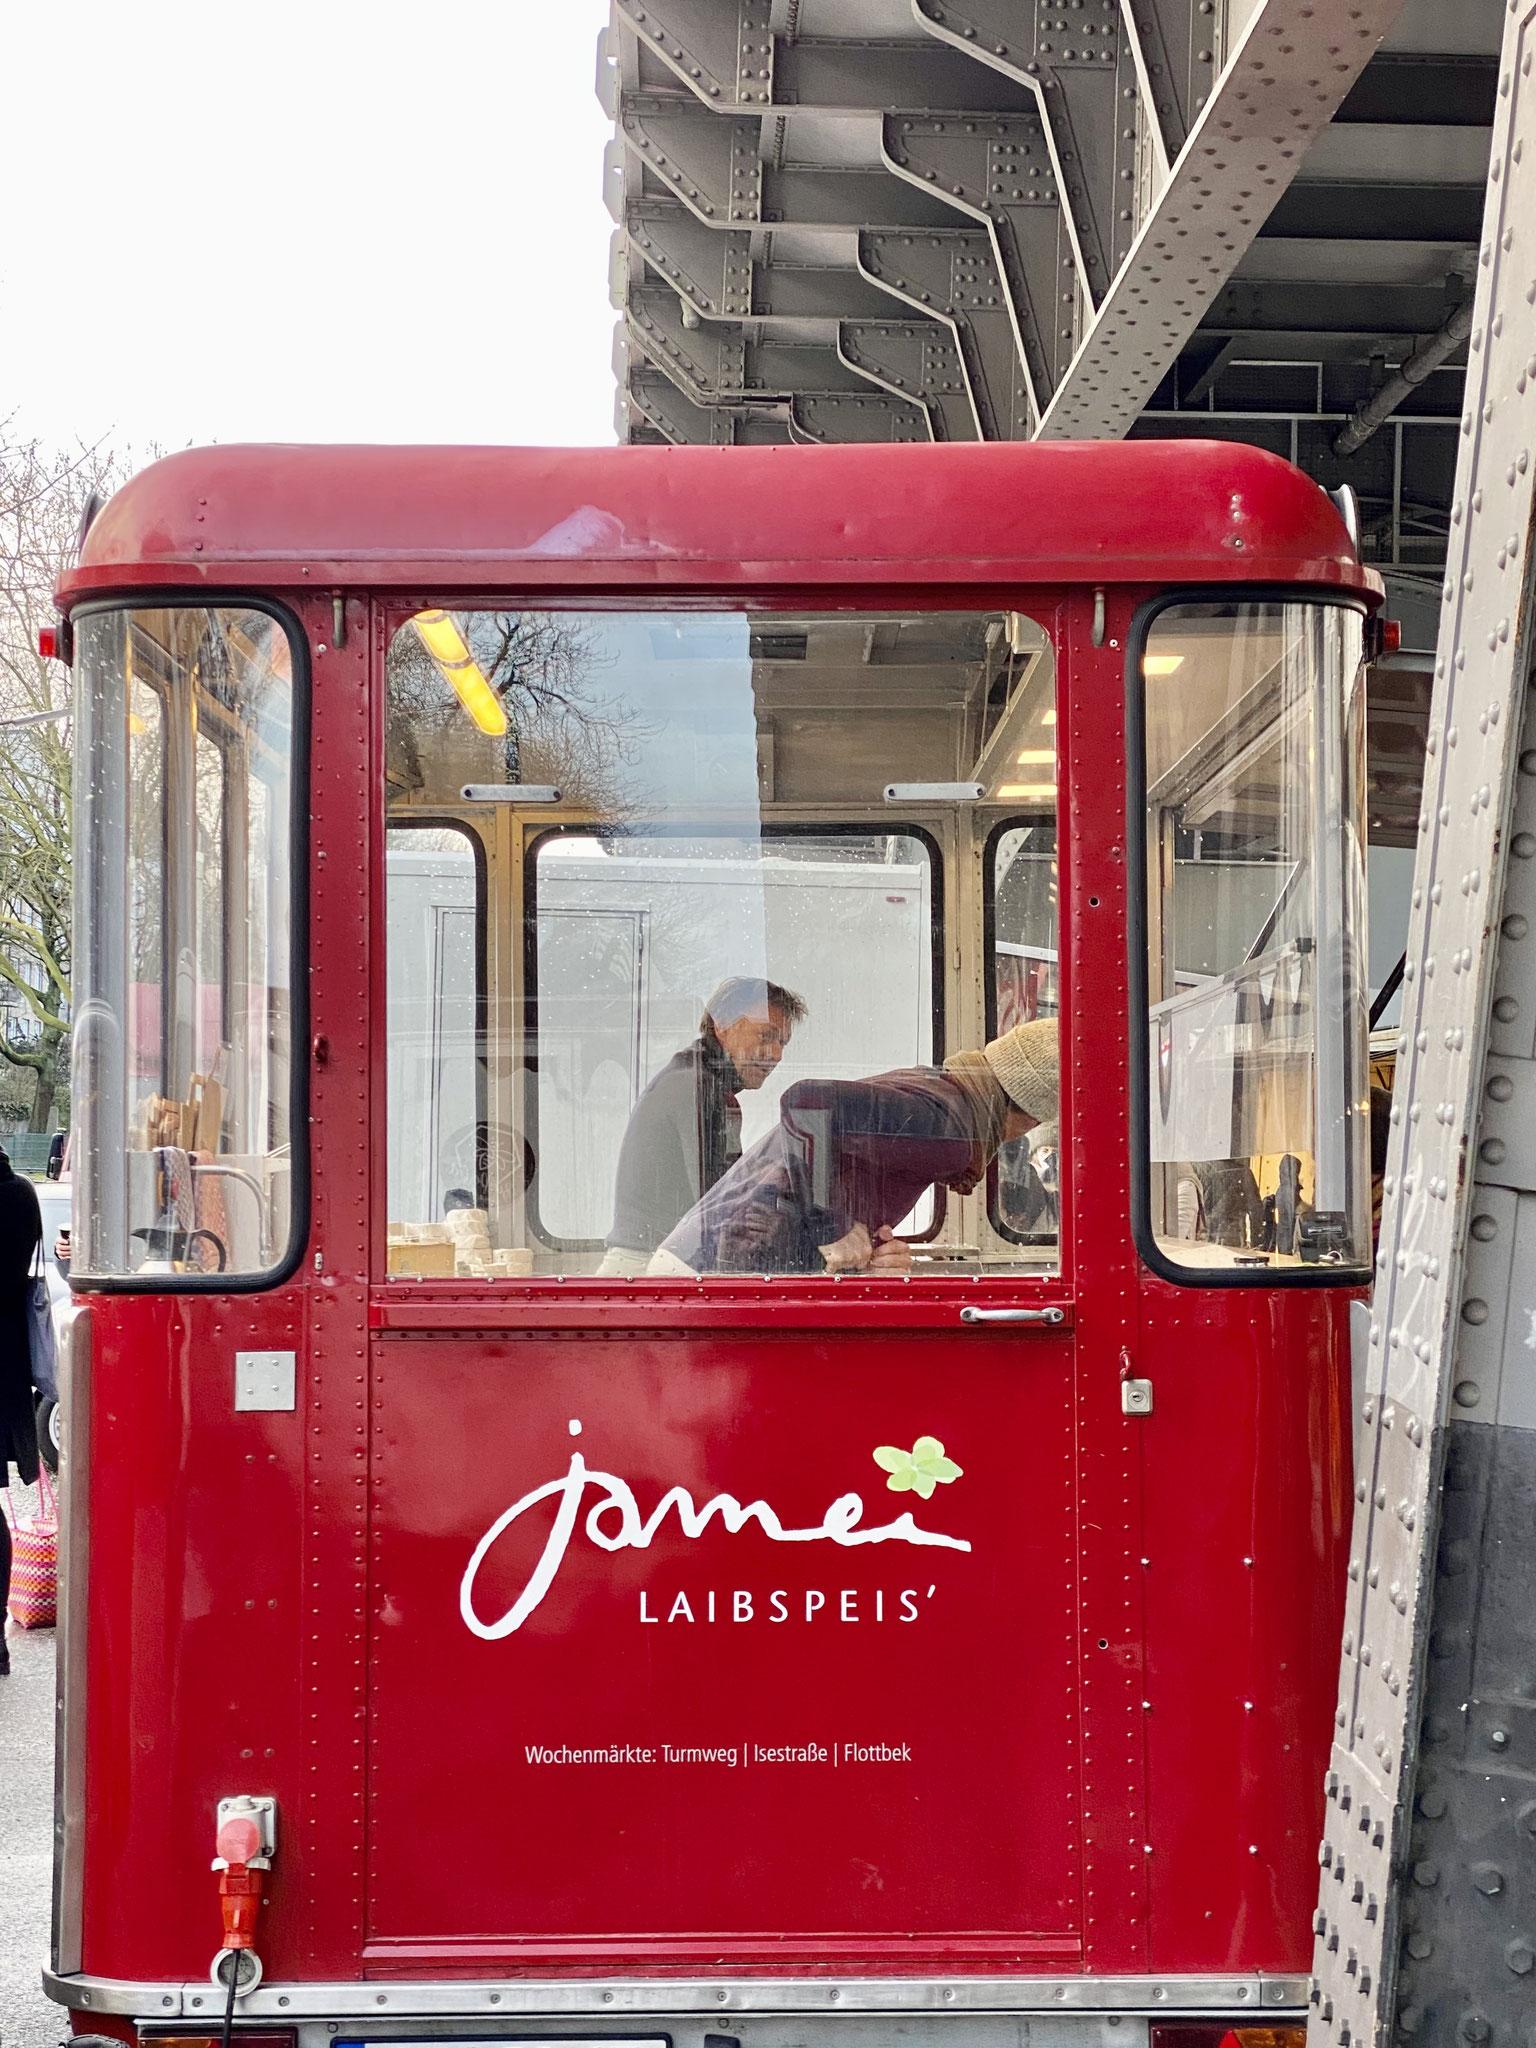 Jamei Laibspeis' - Marktstand auf dem Idemarkt, Hamburg